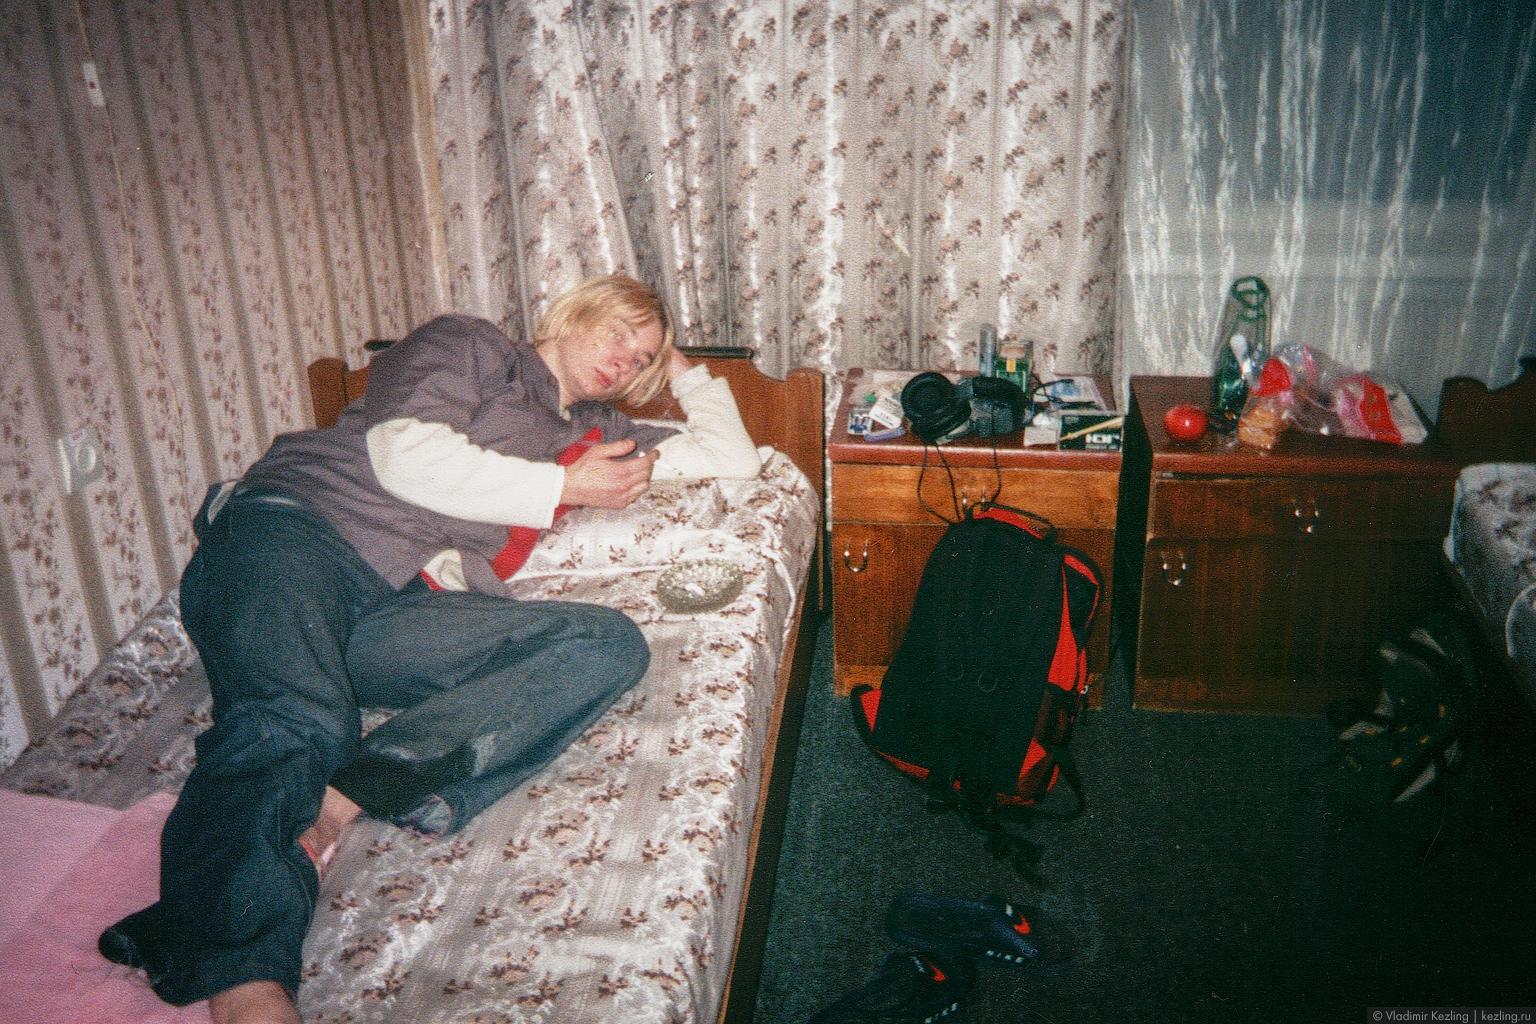 Первая самостоятельная поездка в Москву: несколько месяцев спустя на одном из столичных лейблов выйдет альбом группы «Северный ветер». Москва, Россия, 2004